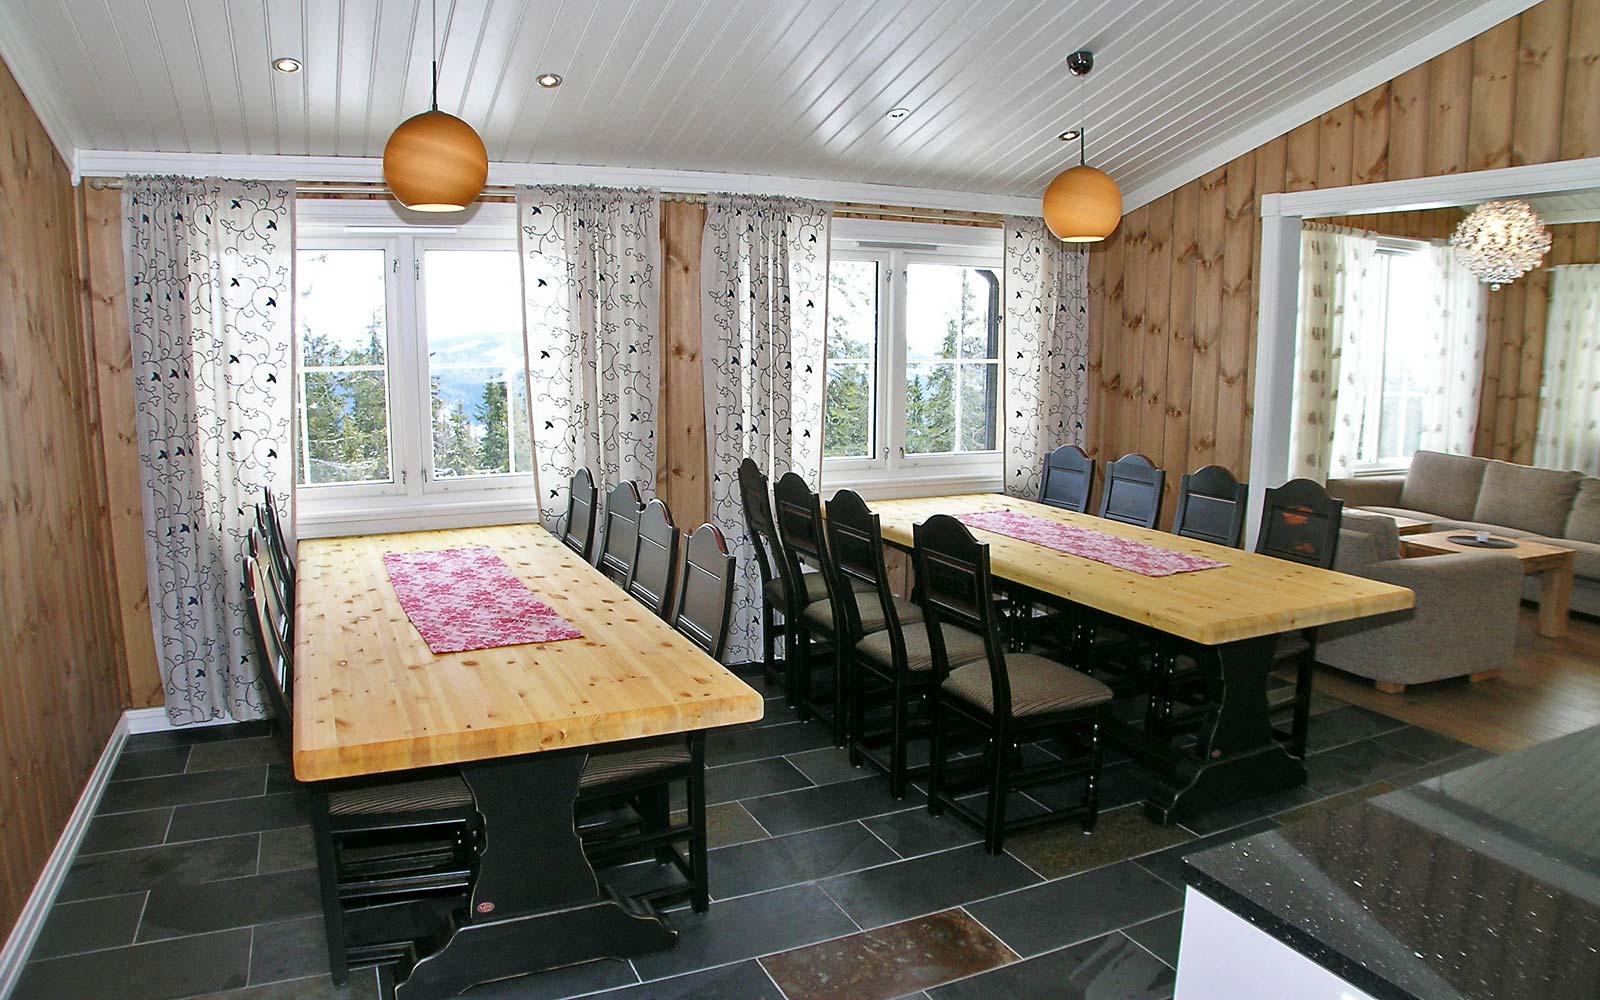 Spisestue Håvi-1 - Sjumilskogen booking Trysil